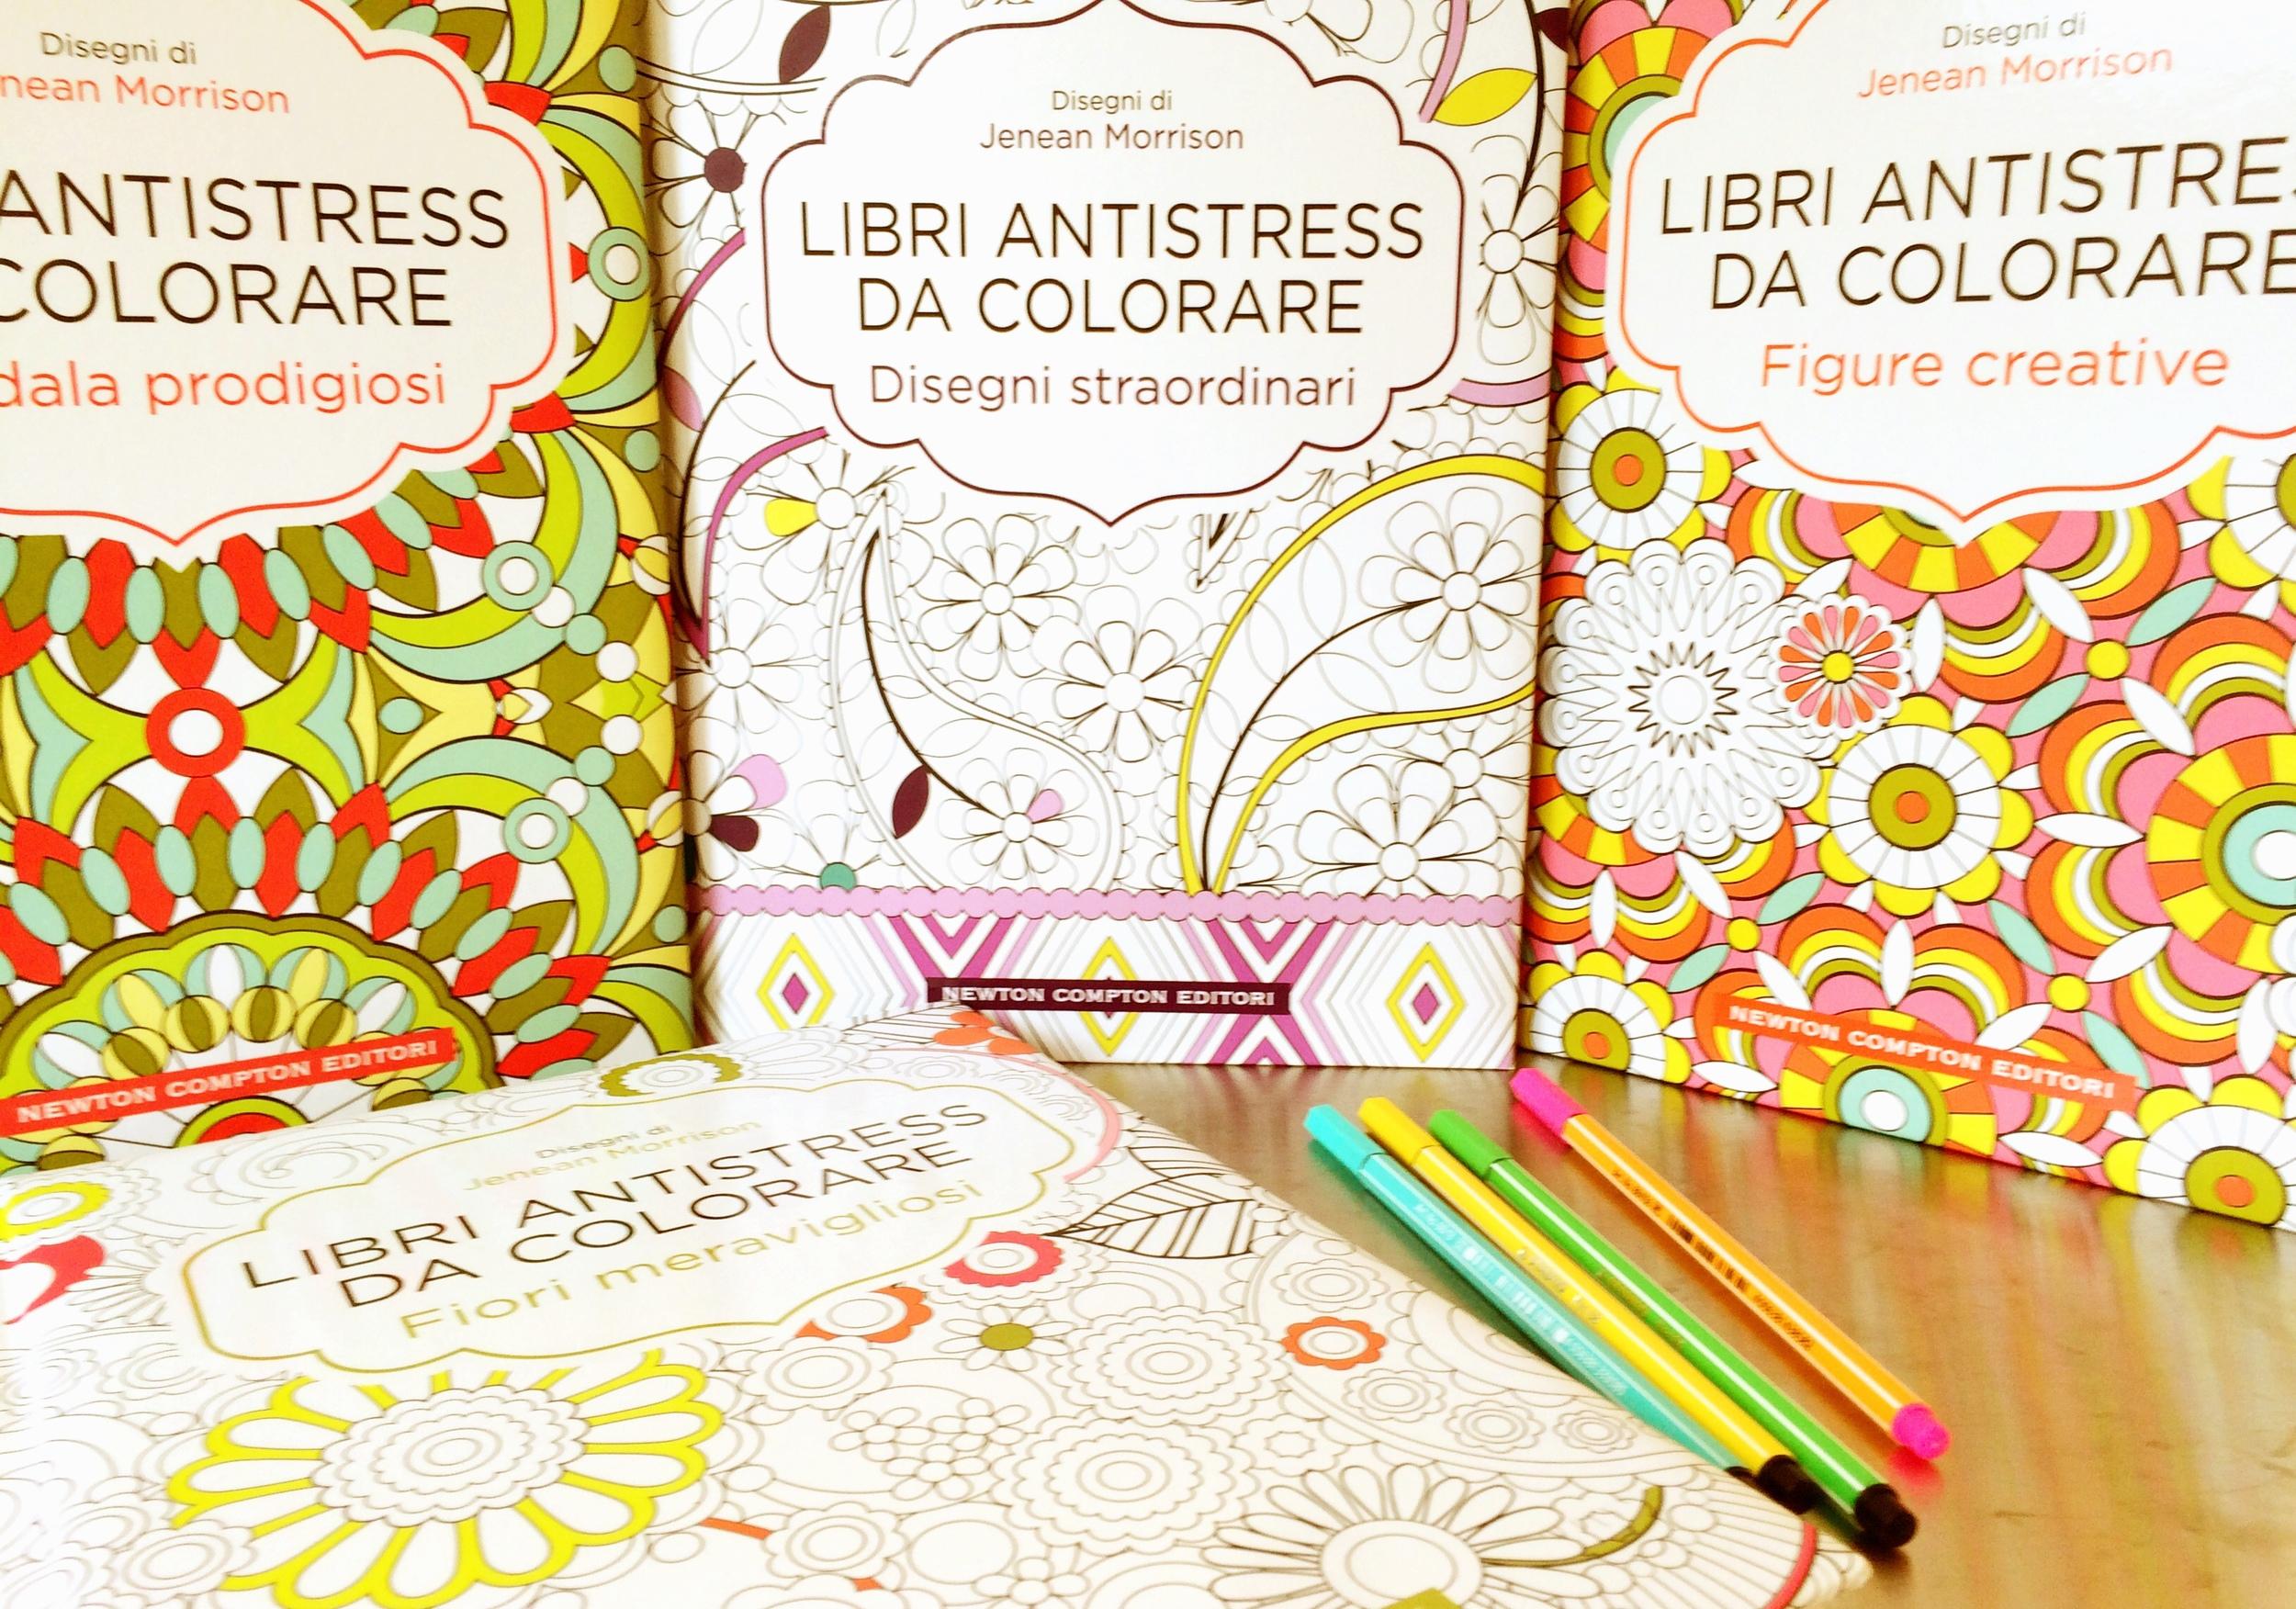 Jenean Morrison Coloring Books for Newton Compton Editori